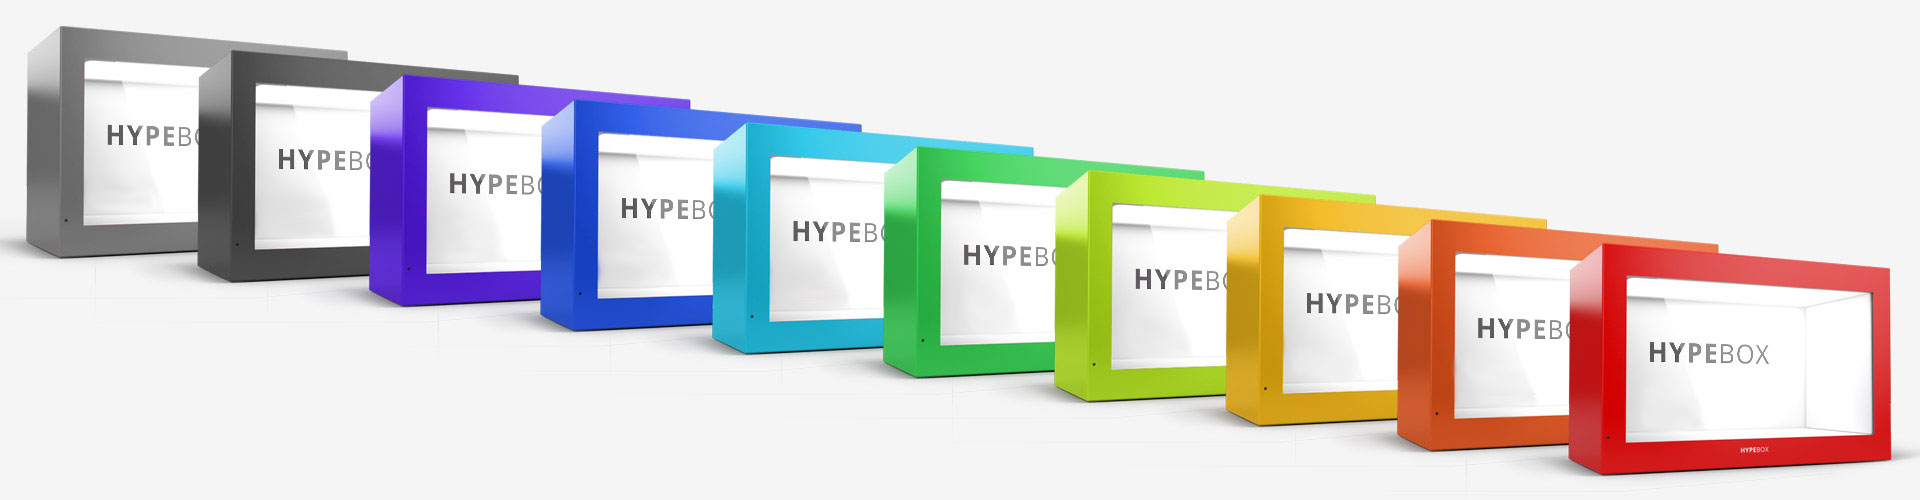 Hypebox vetrina interattiva colorata